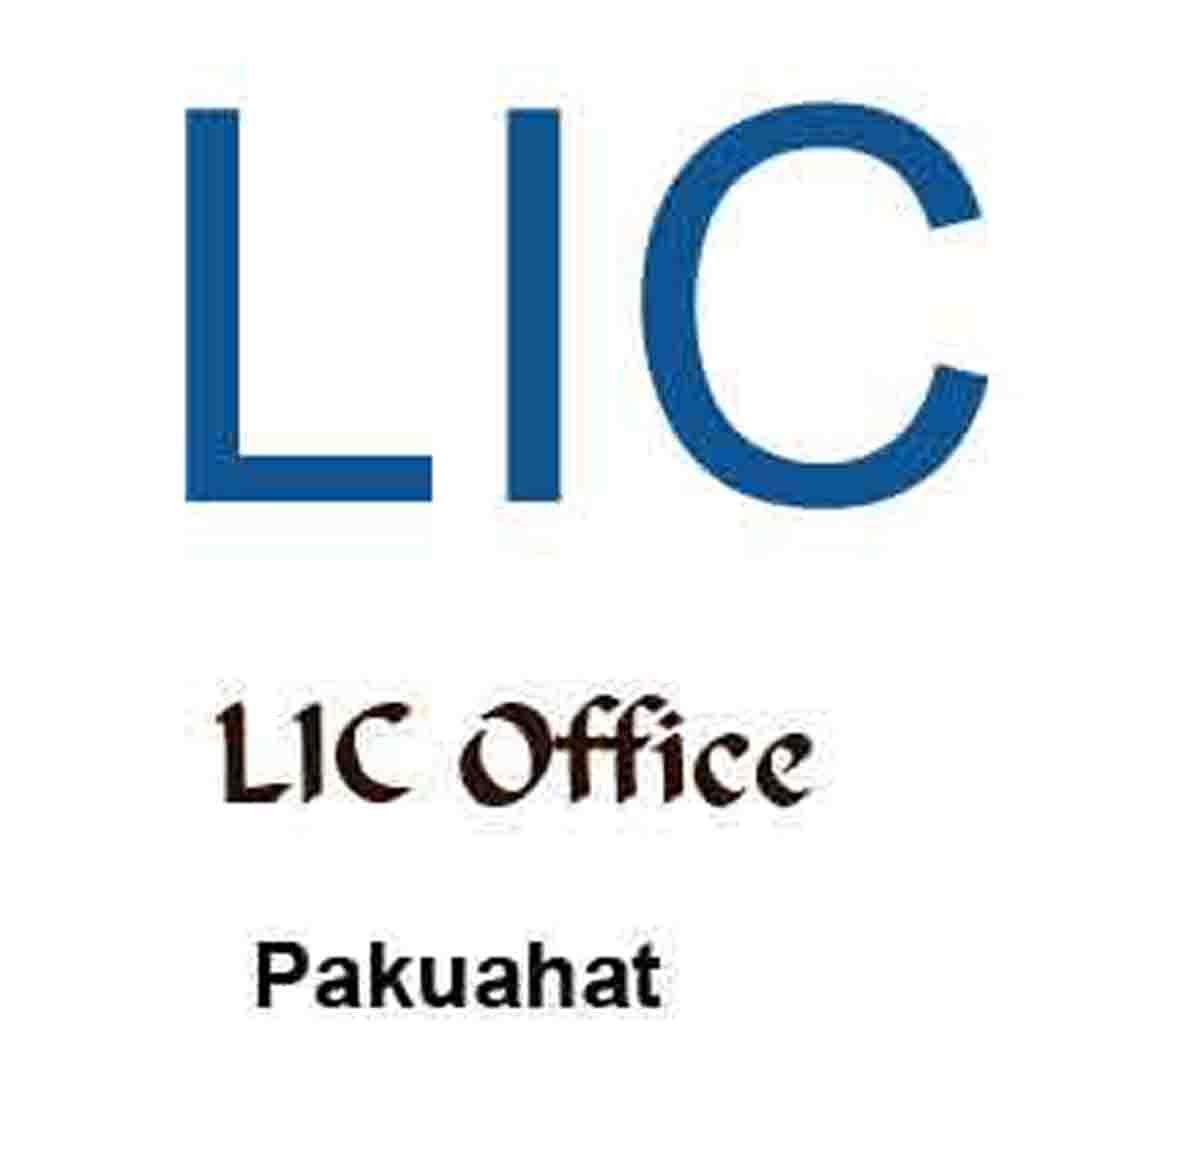 lic office pakuahat